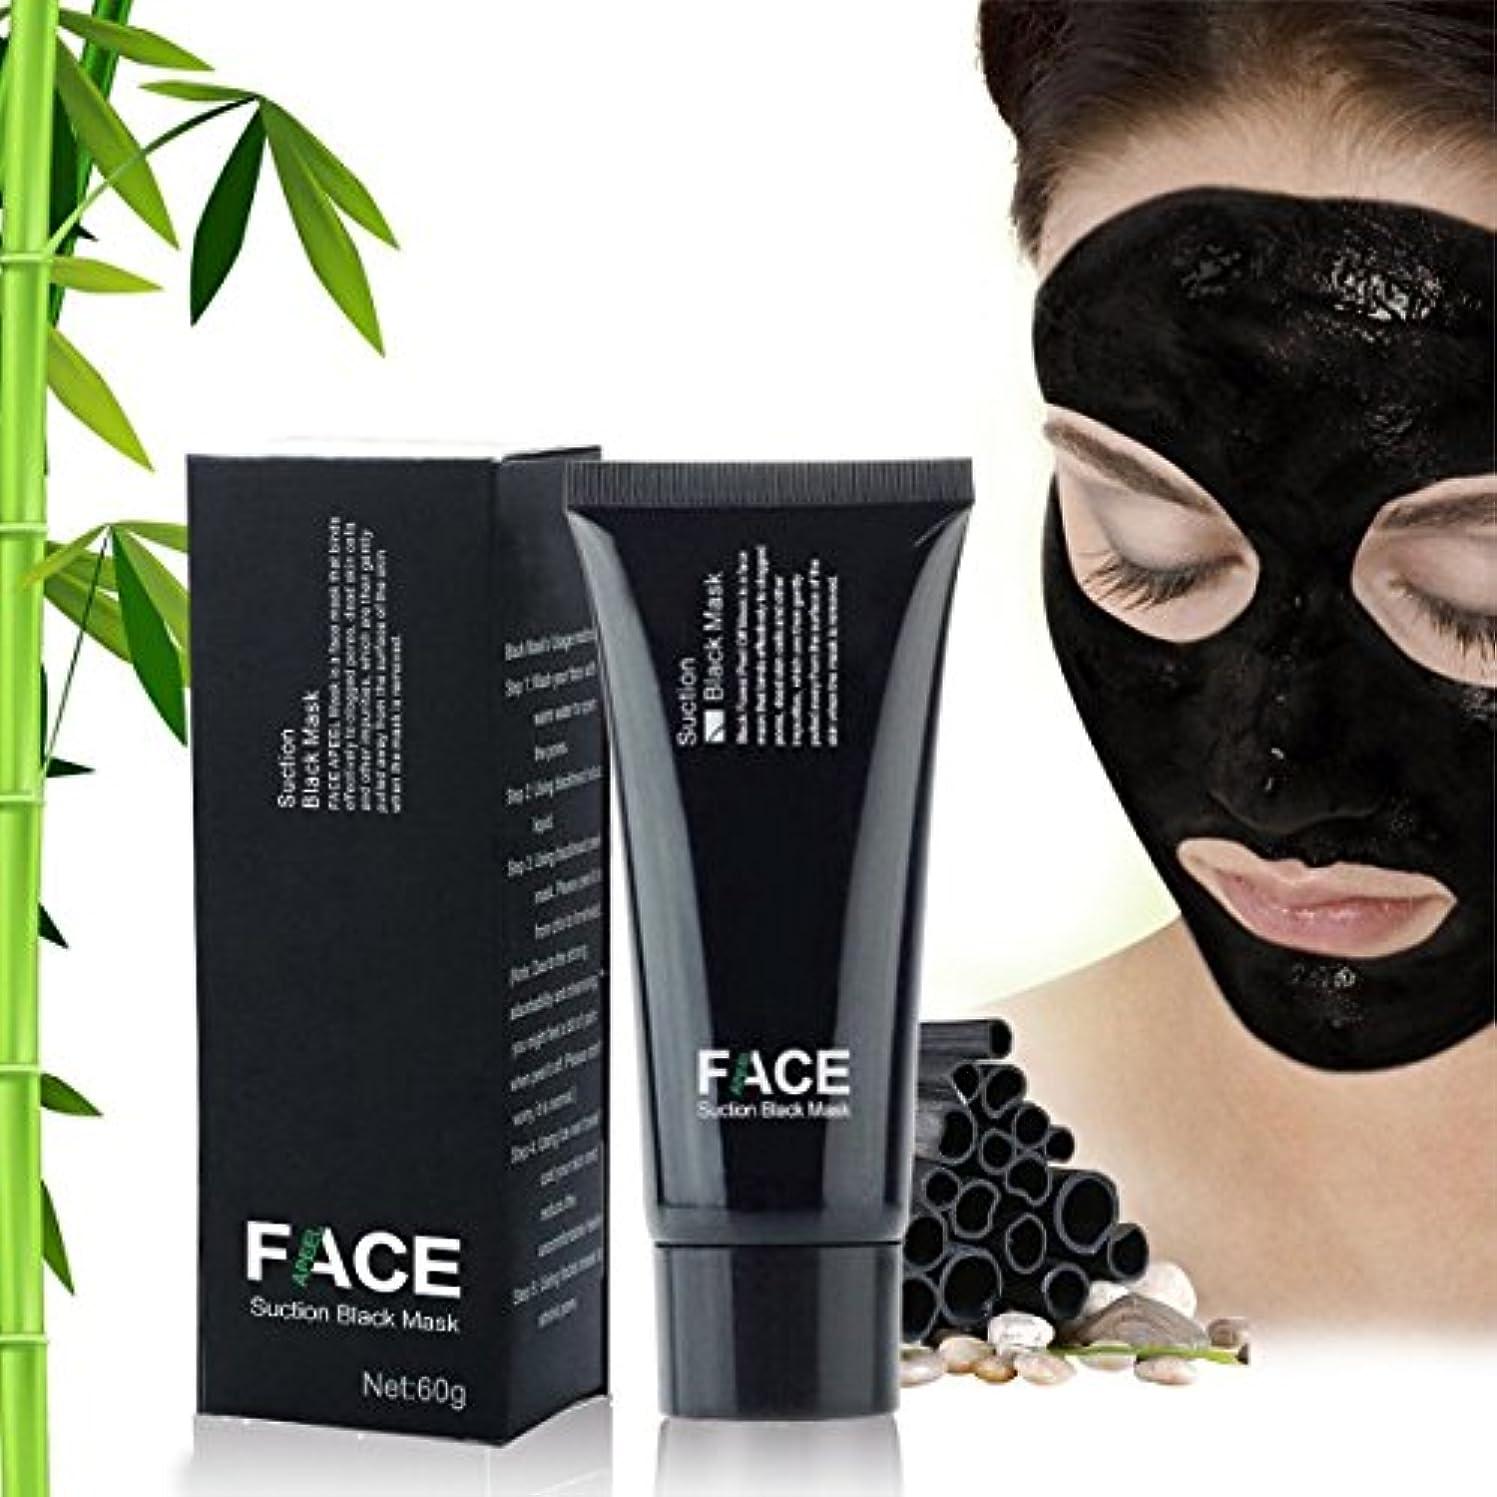 黒爆発する粒FaceApeel Blackheadリムーバーマスク[Blackheadsを削除] - プレミアム品質